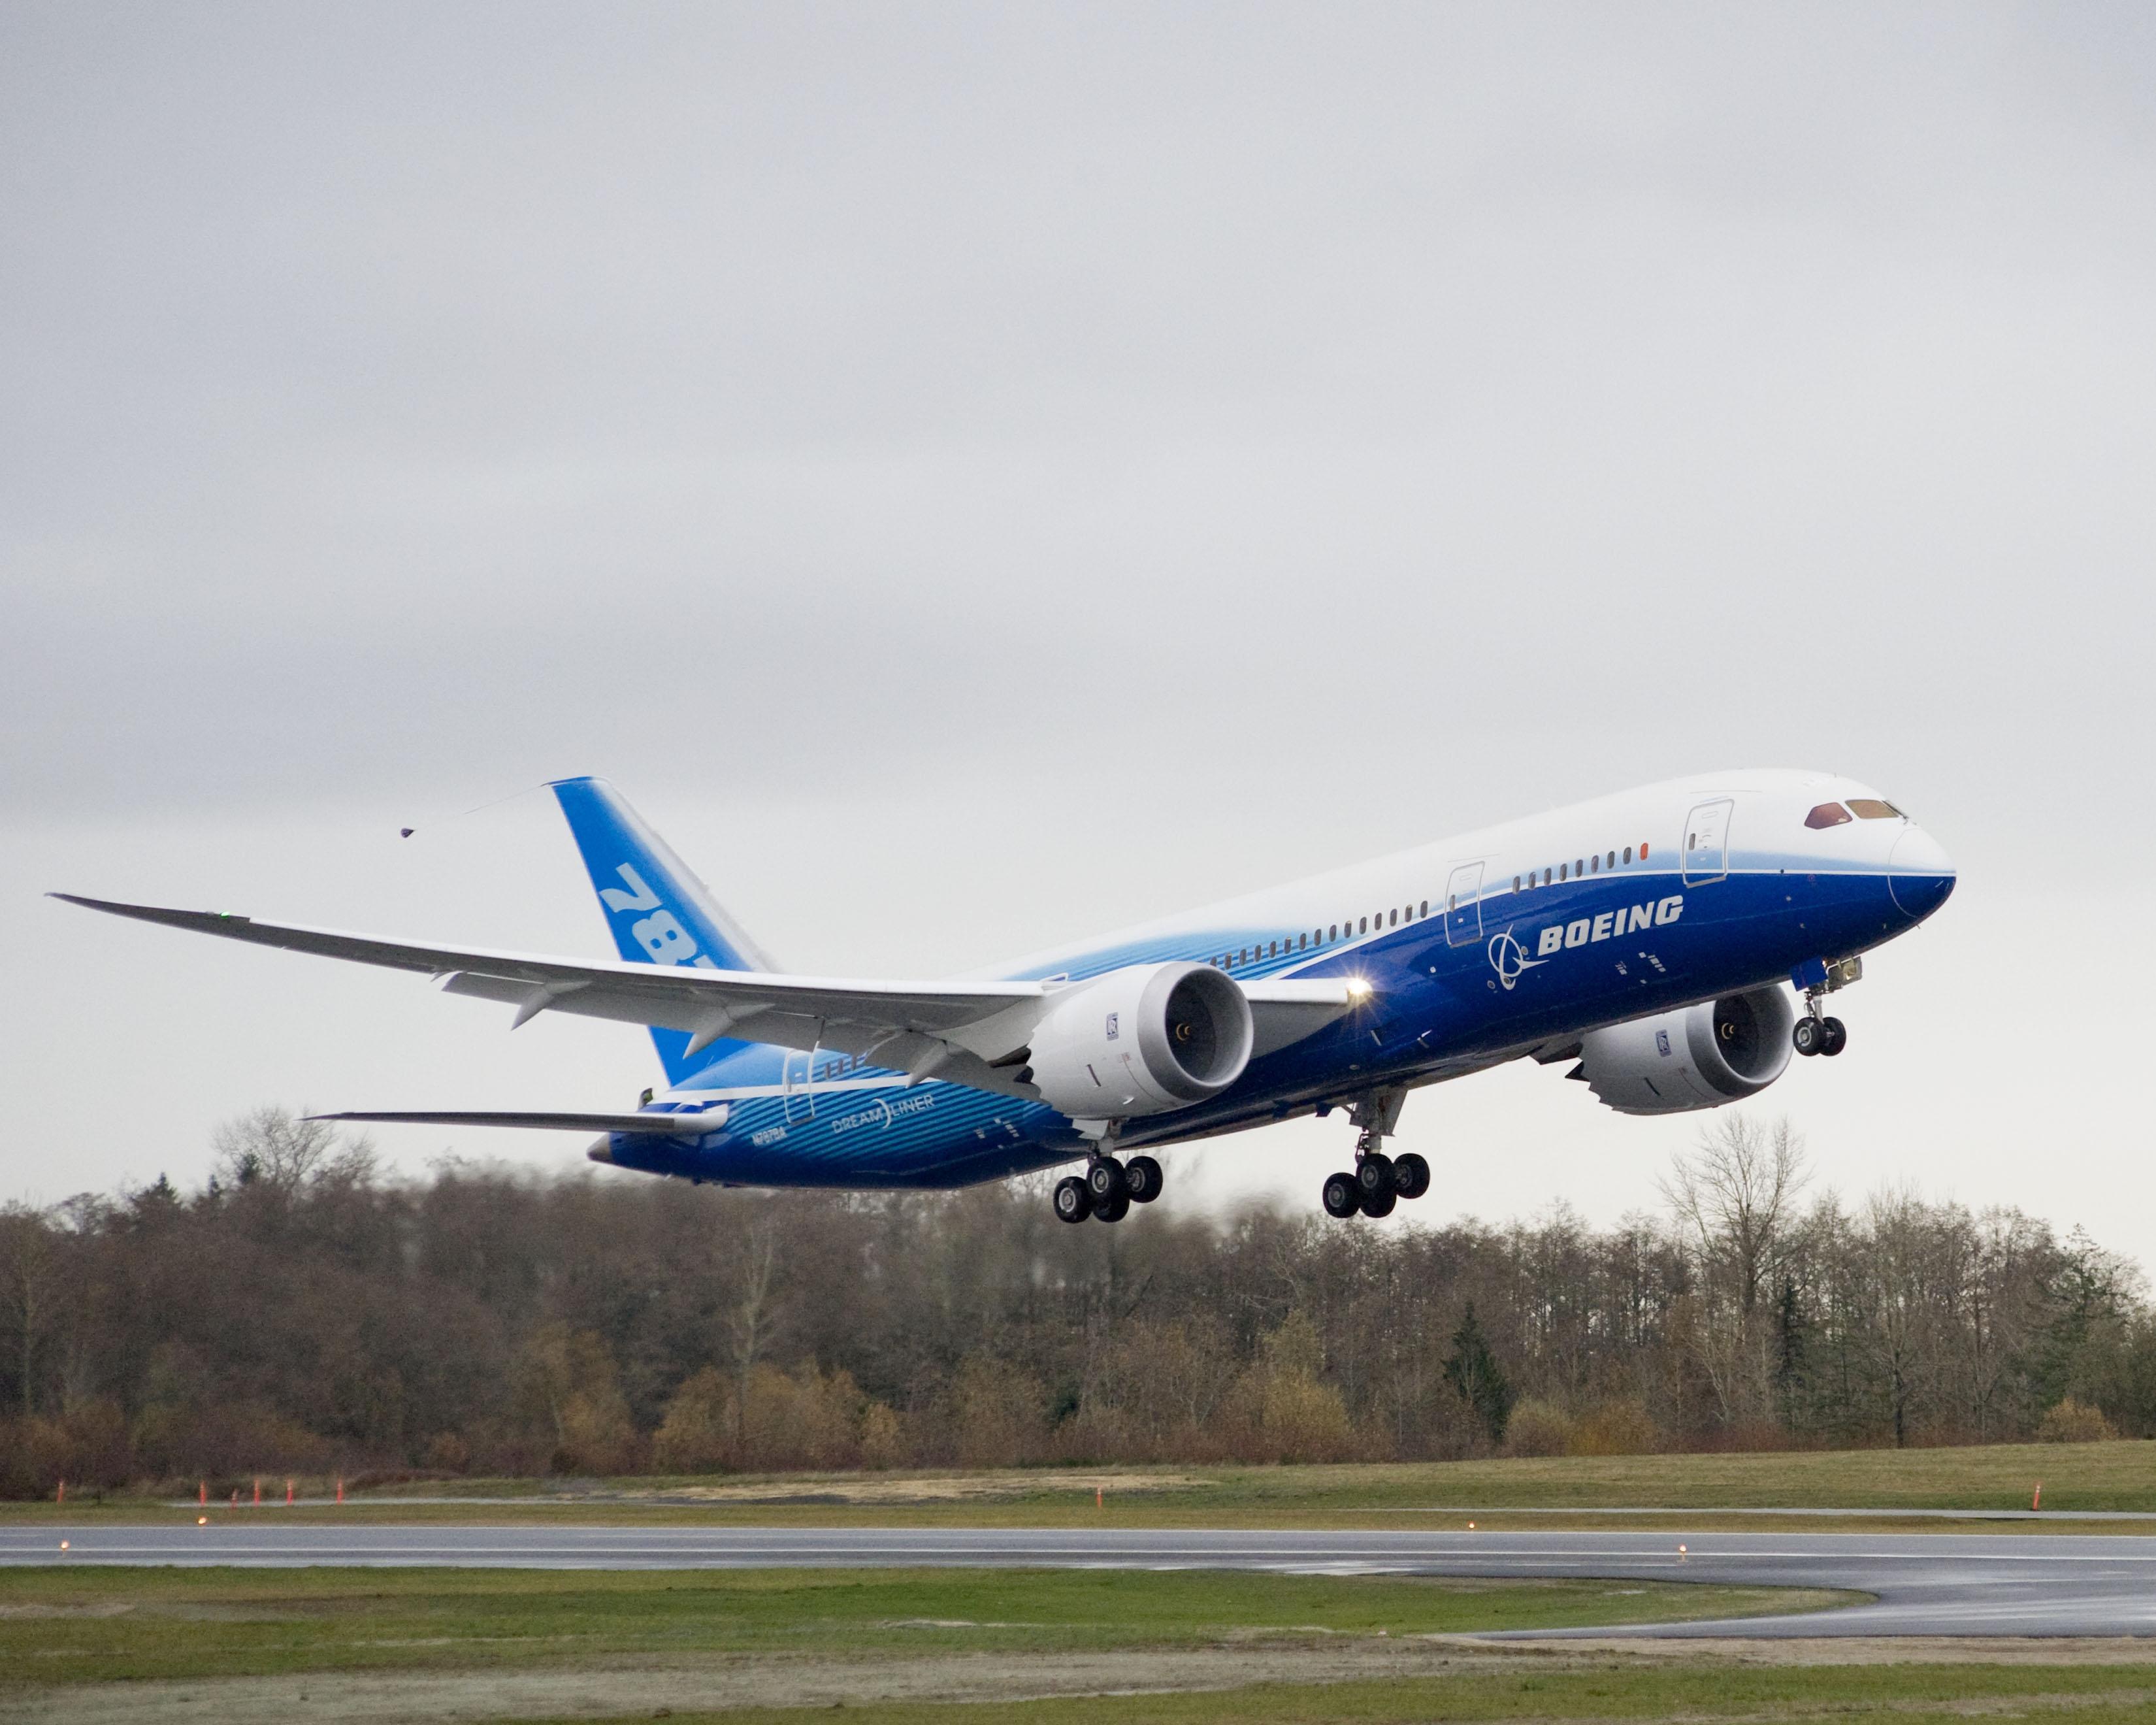 boeing dreamliner Boeing 787 «dreamliner» er et tomotors, mellomstort bredbuks, langdistansefly som er utviklet ved boeing commercial airplanes (bca) flyet tar mellom 210 og 310.